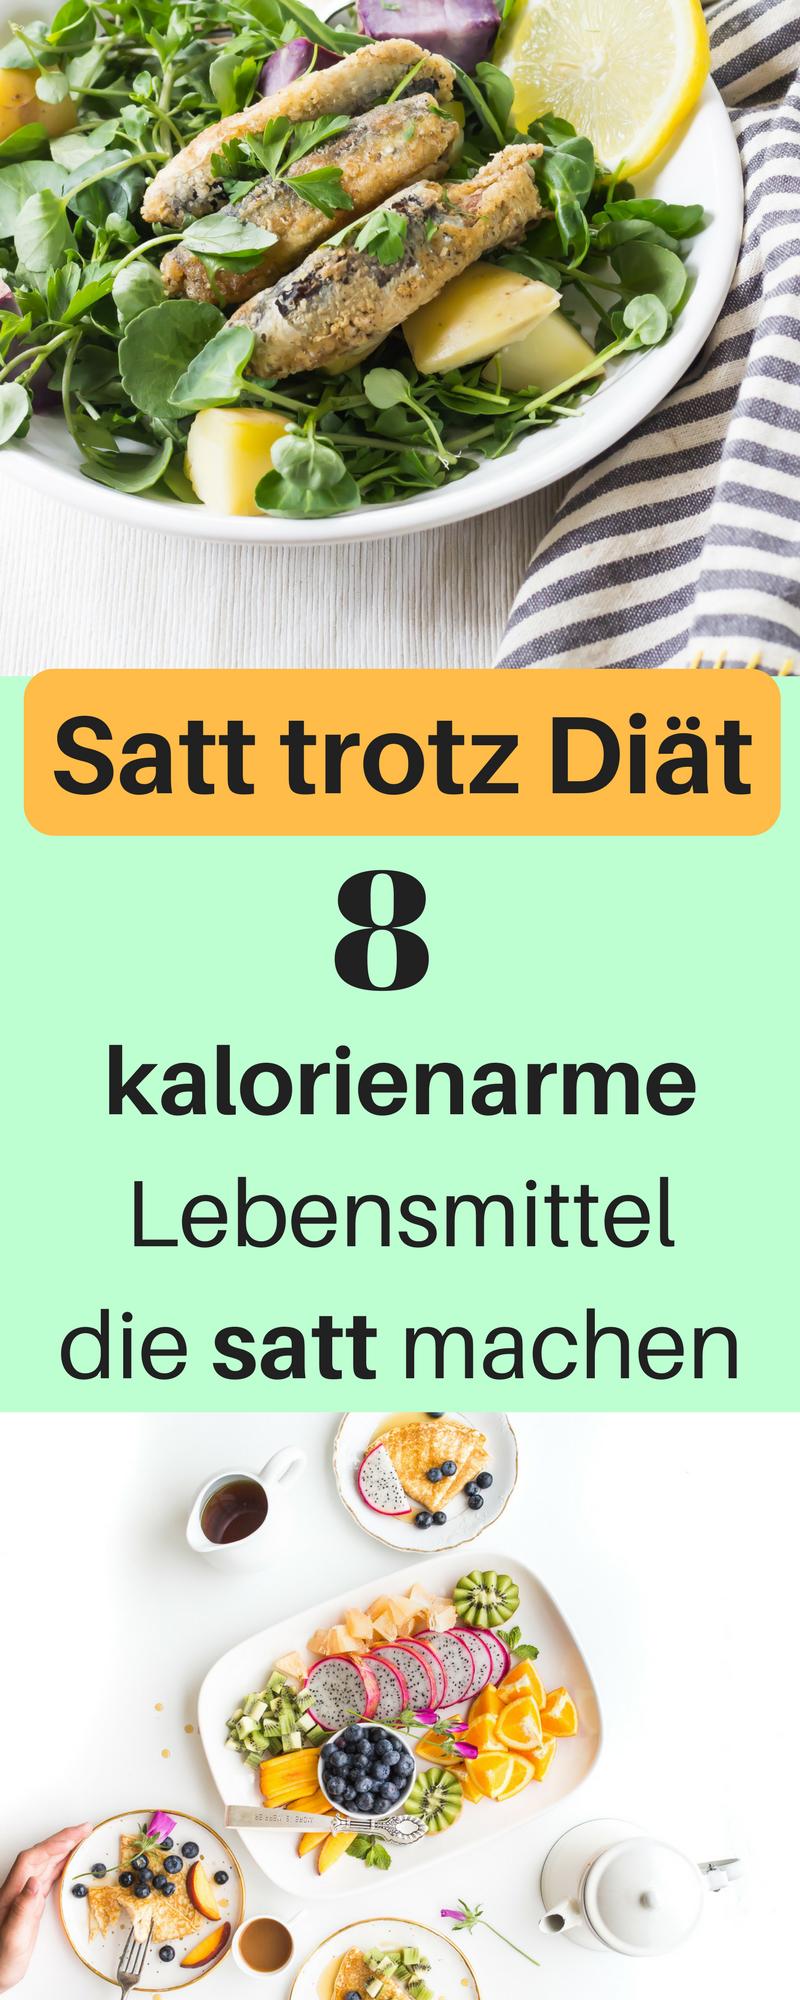 Kalorienarme Sattmacher, Lebensmittel zum Abnehmen. Kalorien